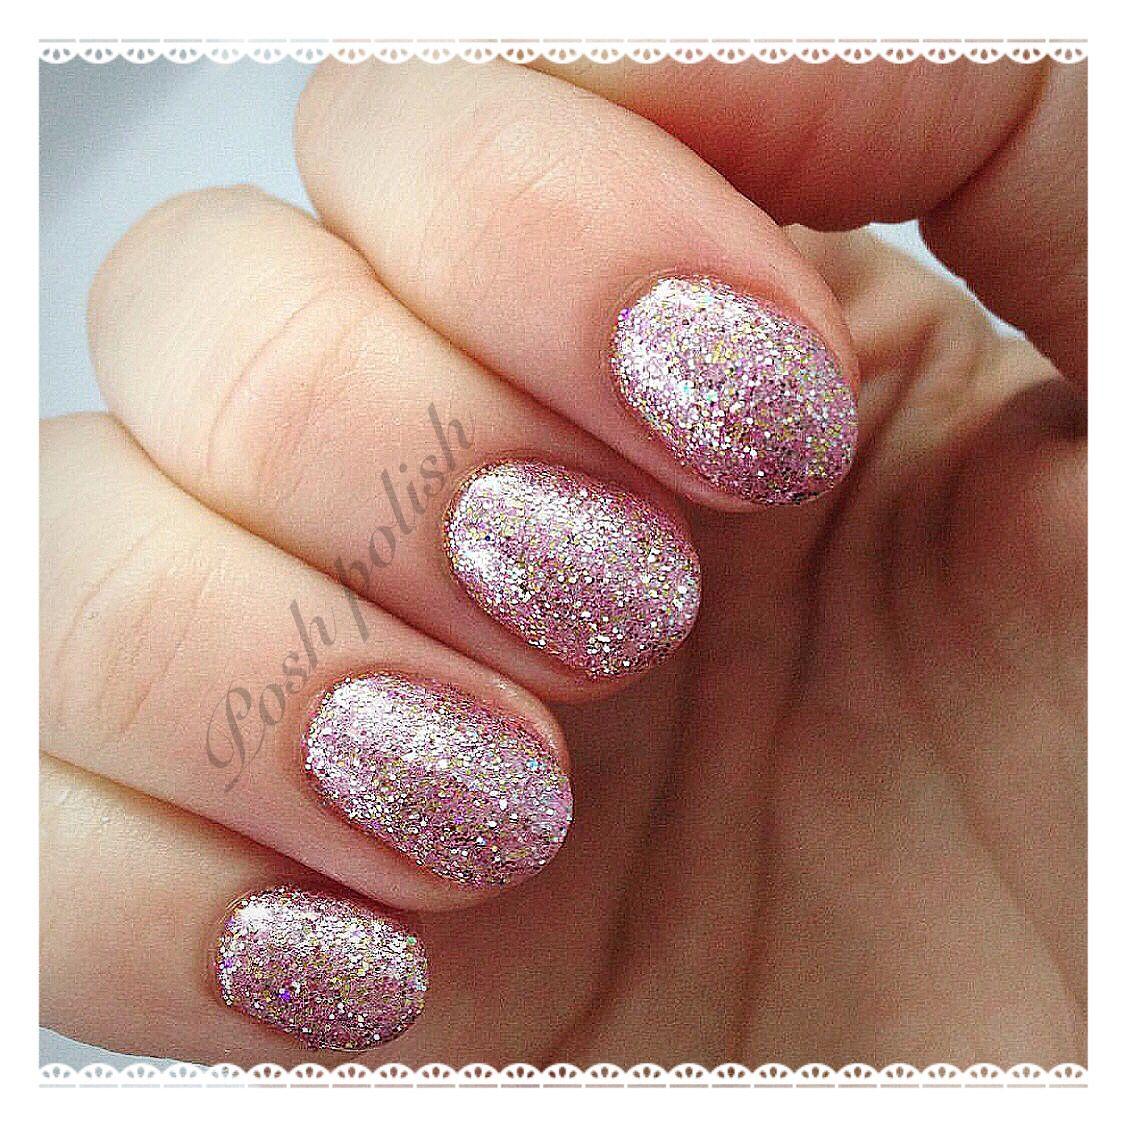 Cnd Shellac Tundra With Plum Champagne Glitter Xoxo Nails Nail Art Cnd Shellac